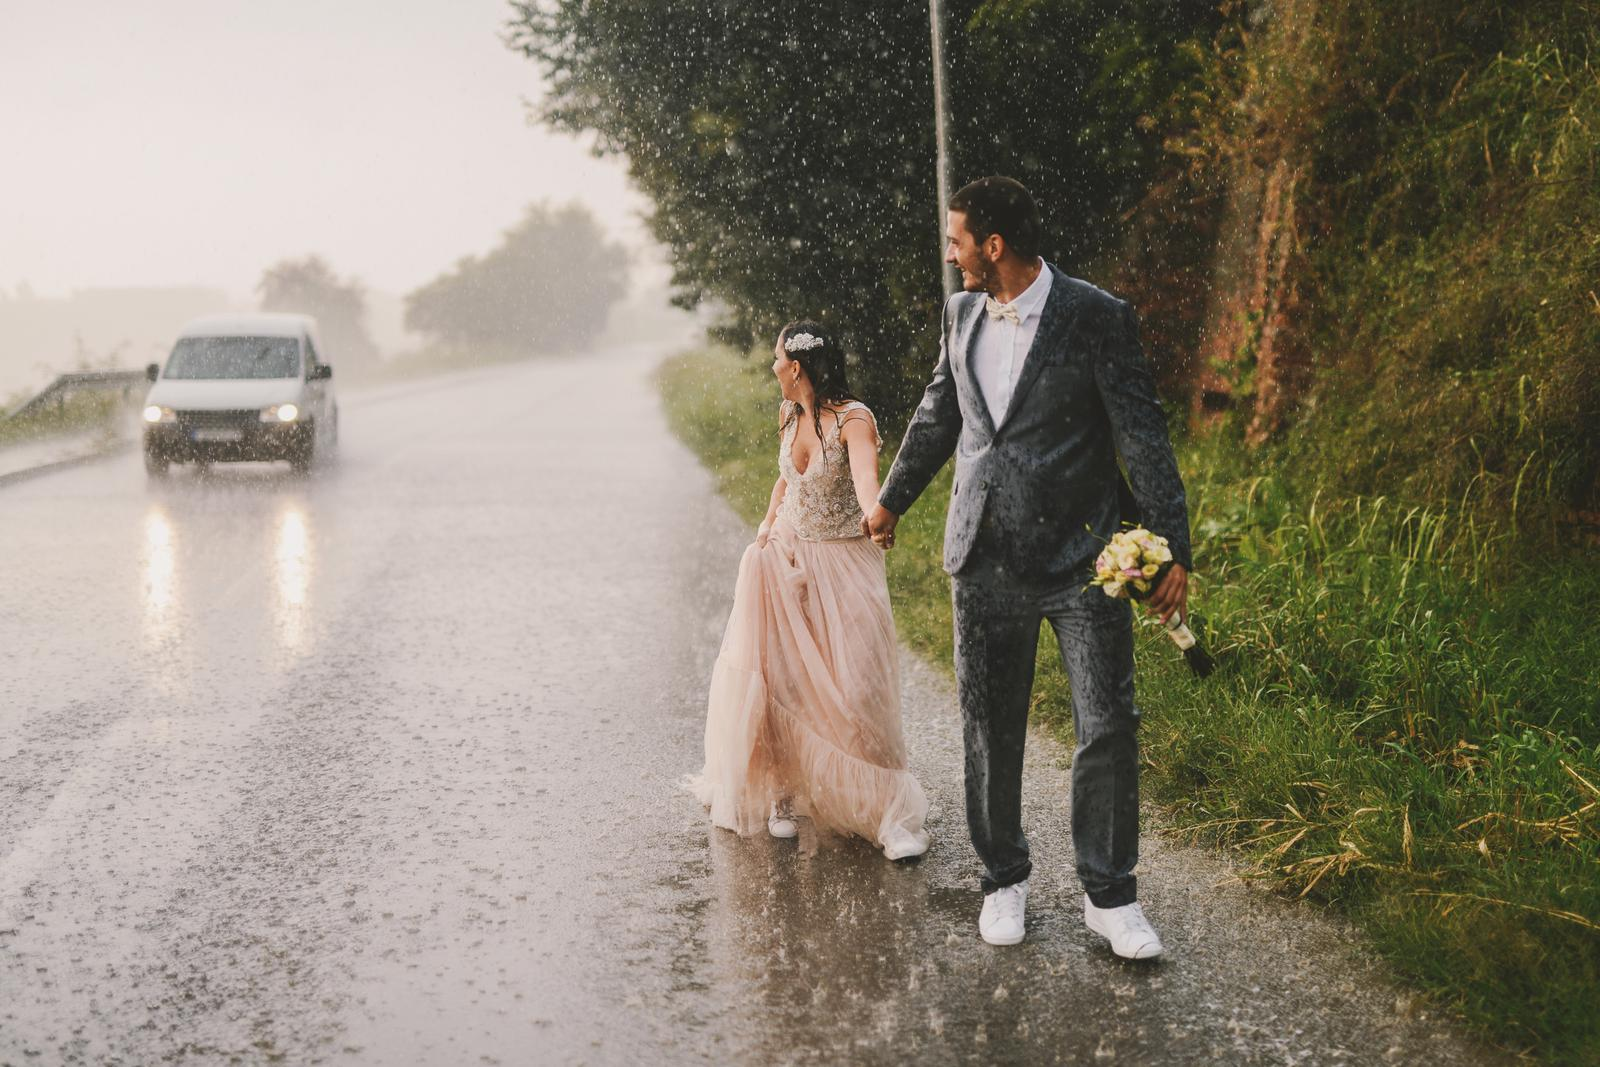 Aký vtipný moment sa udial na vašej svadbe? Podeľte sa so mnou v komentároch a možno sa objavíte v tomto článku :) https://mojasvadba.zoznam.sk/najvtipnejsie-svadobne-momenty/ - Obrázok č. 1